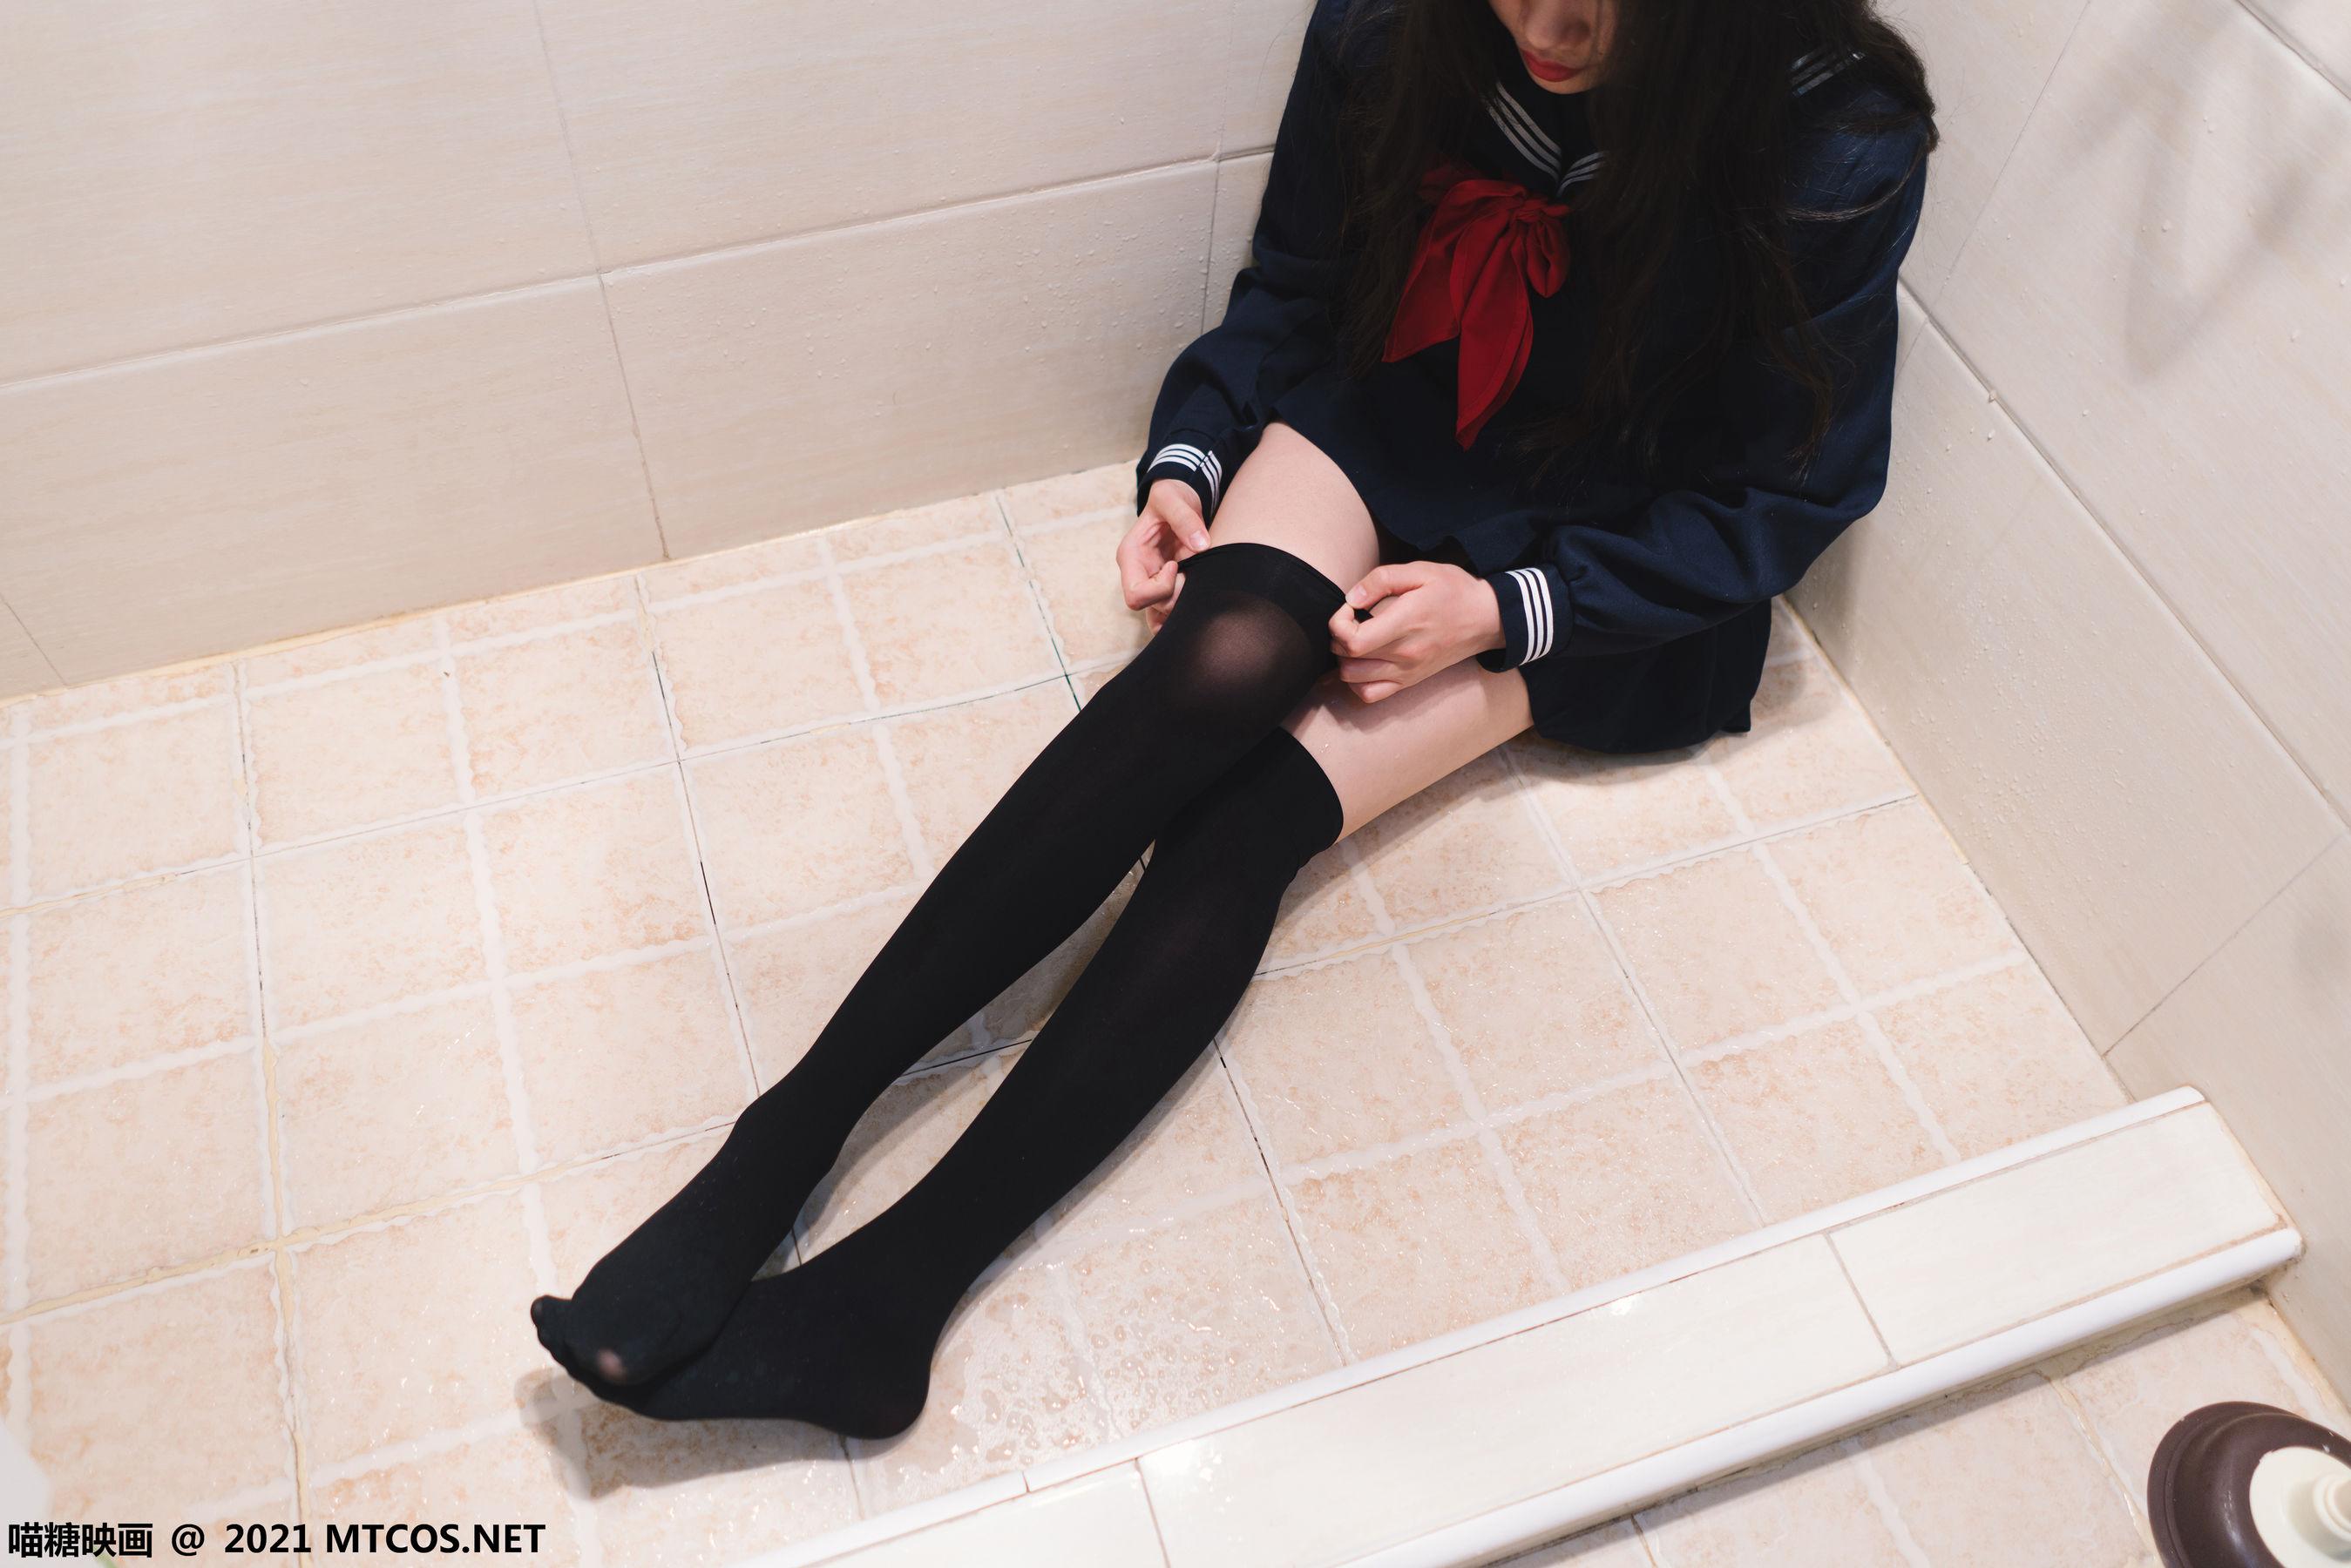 [喵糖映画] VOL.410 浴室JK 写真套图[29P]插图(2)